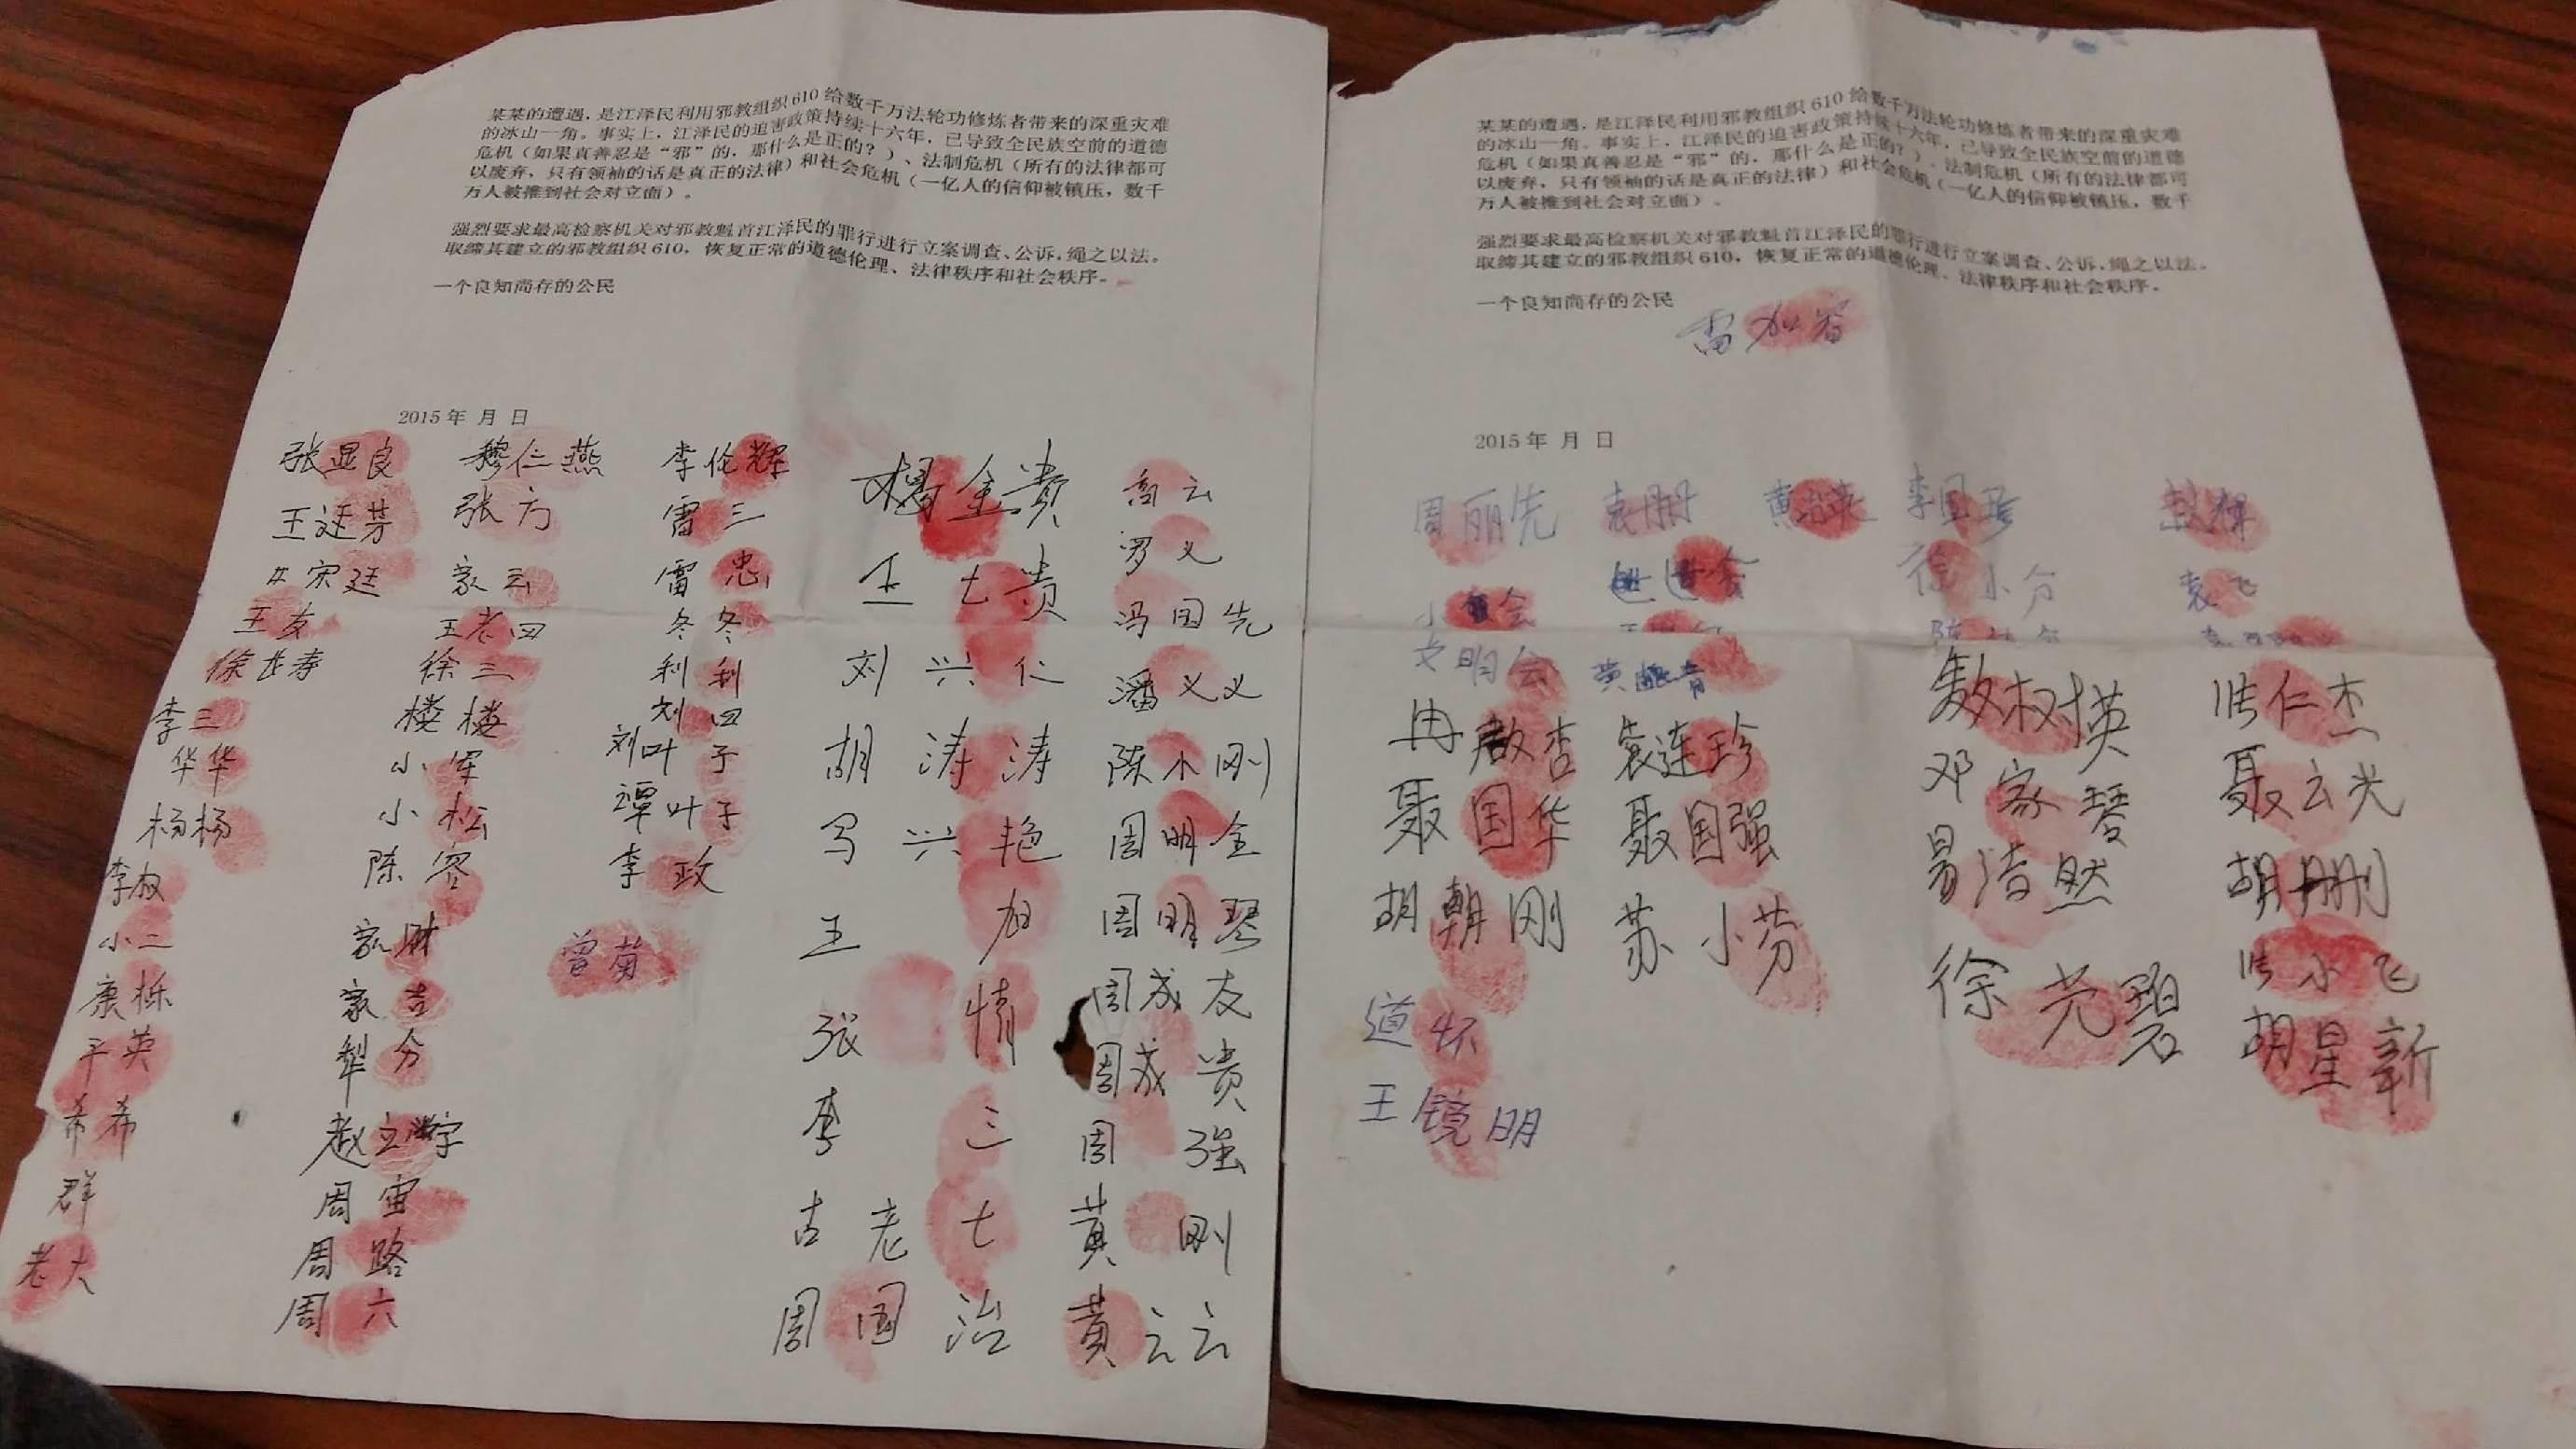 贵州遵义民众举报江泽民。(明慧网)